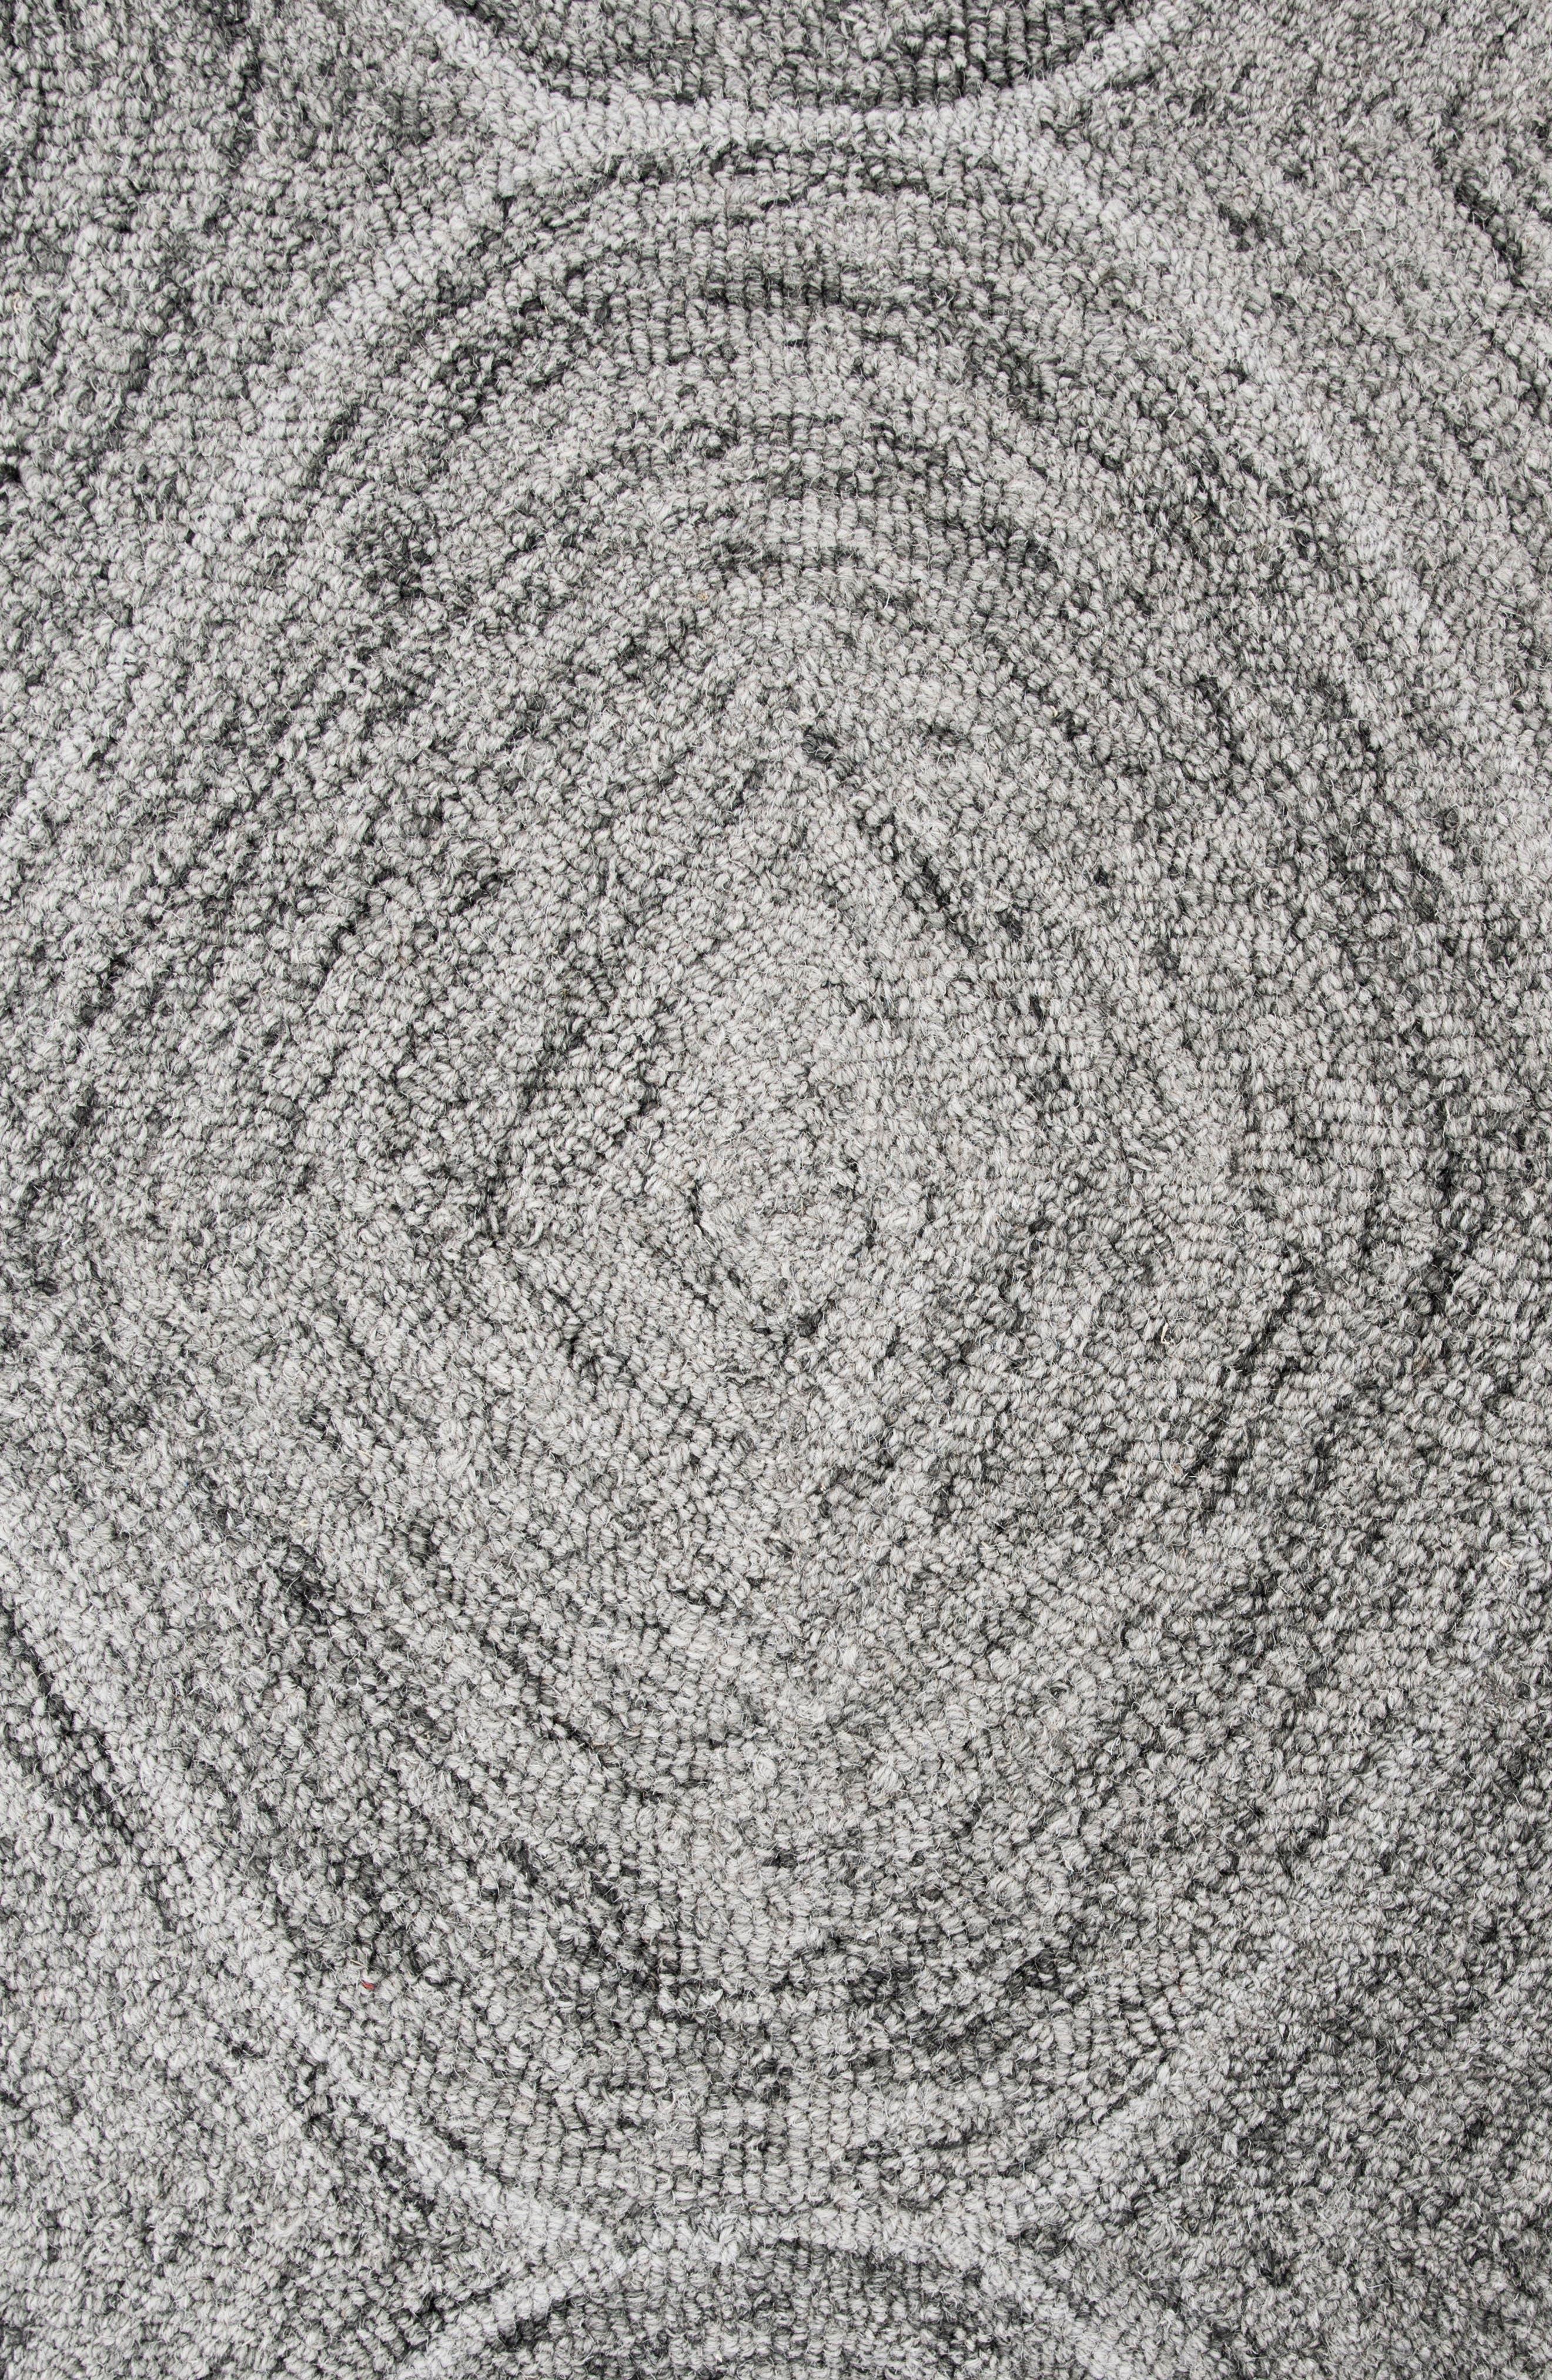 Irregular Diamond Hand Tufted Wool Area Rug,                             Alternate thumbnail 14, color,